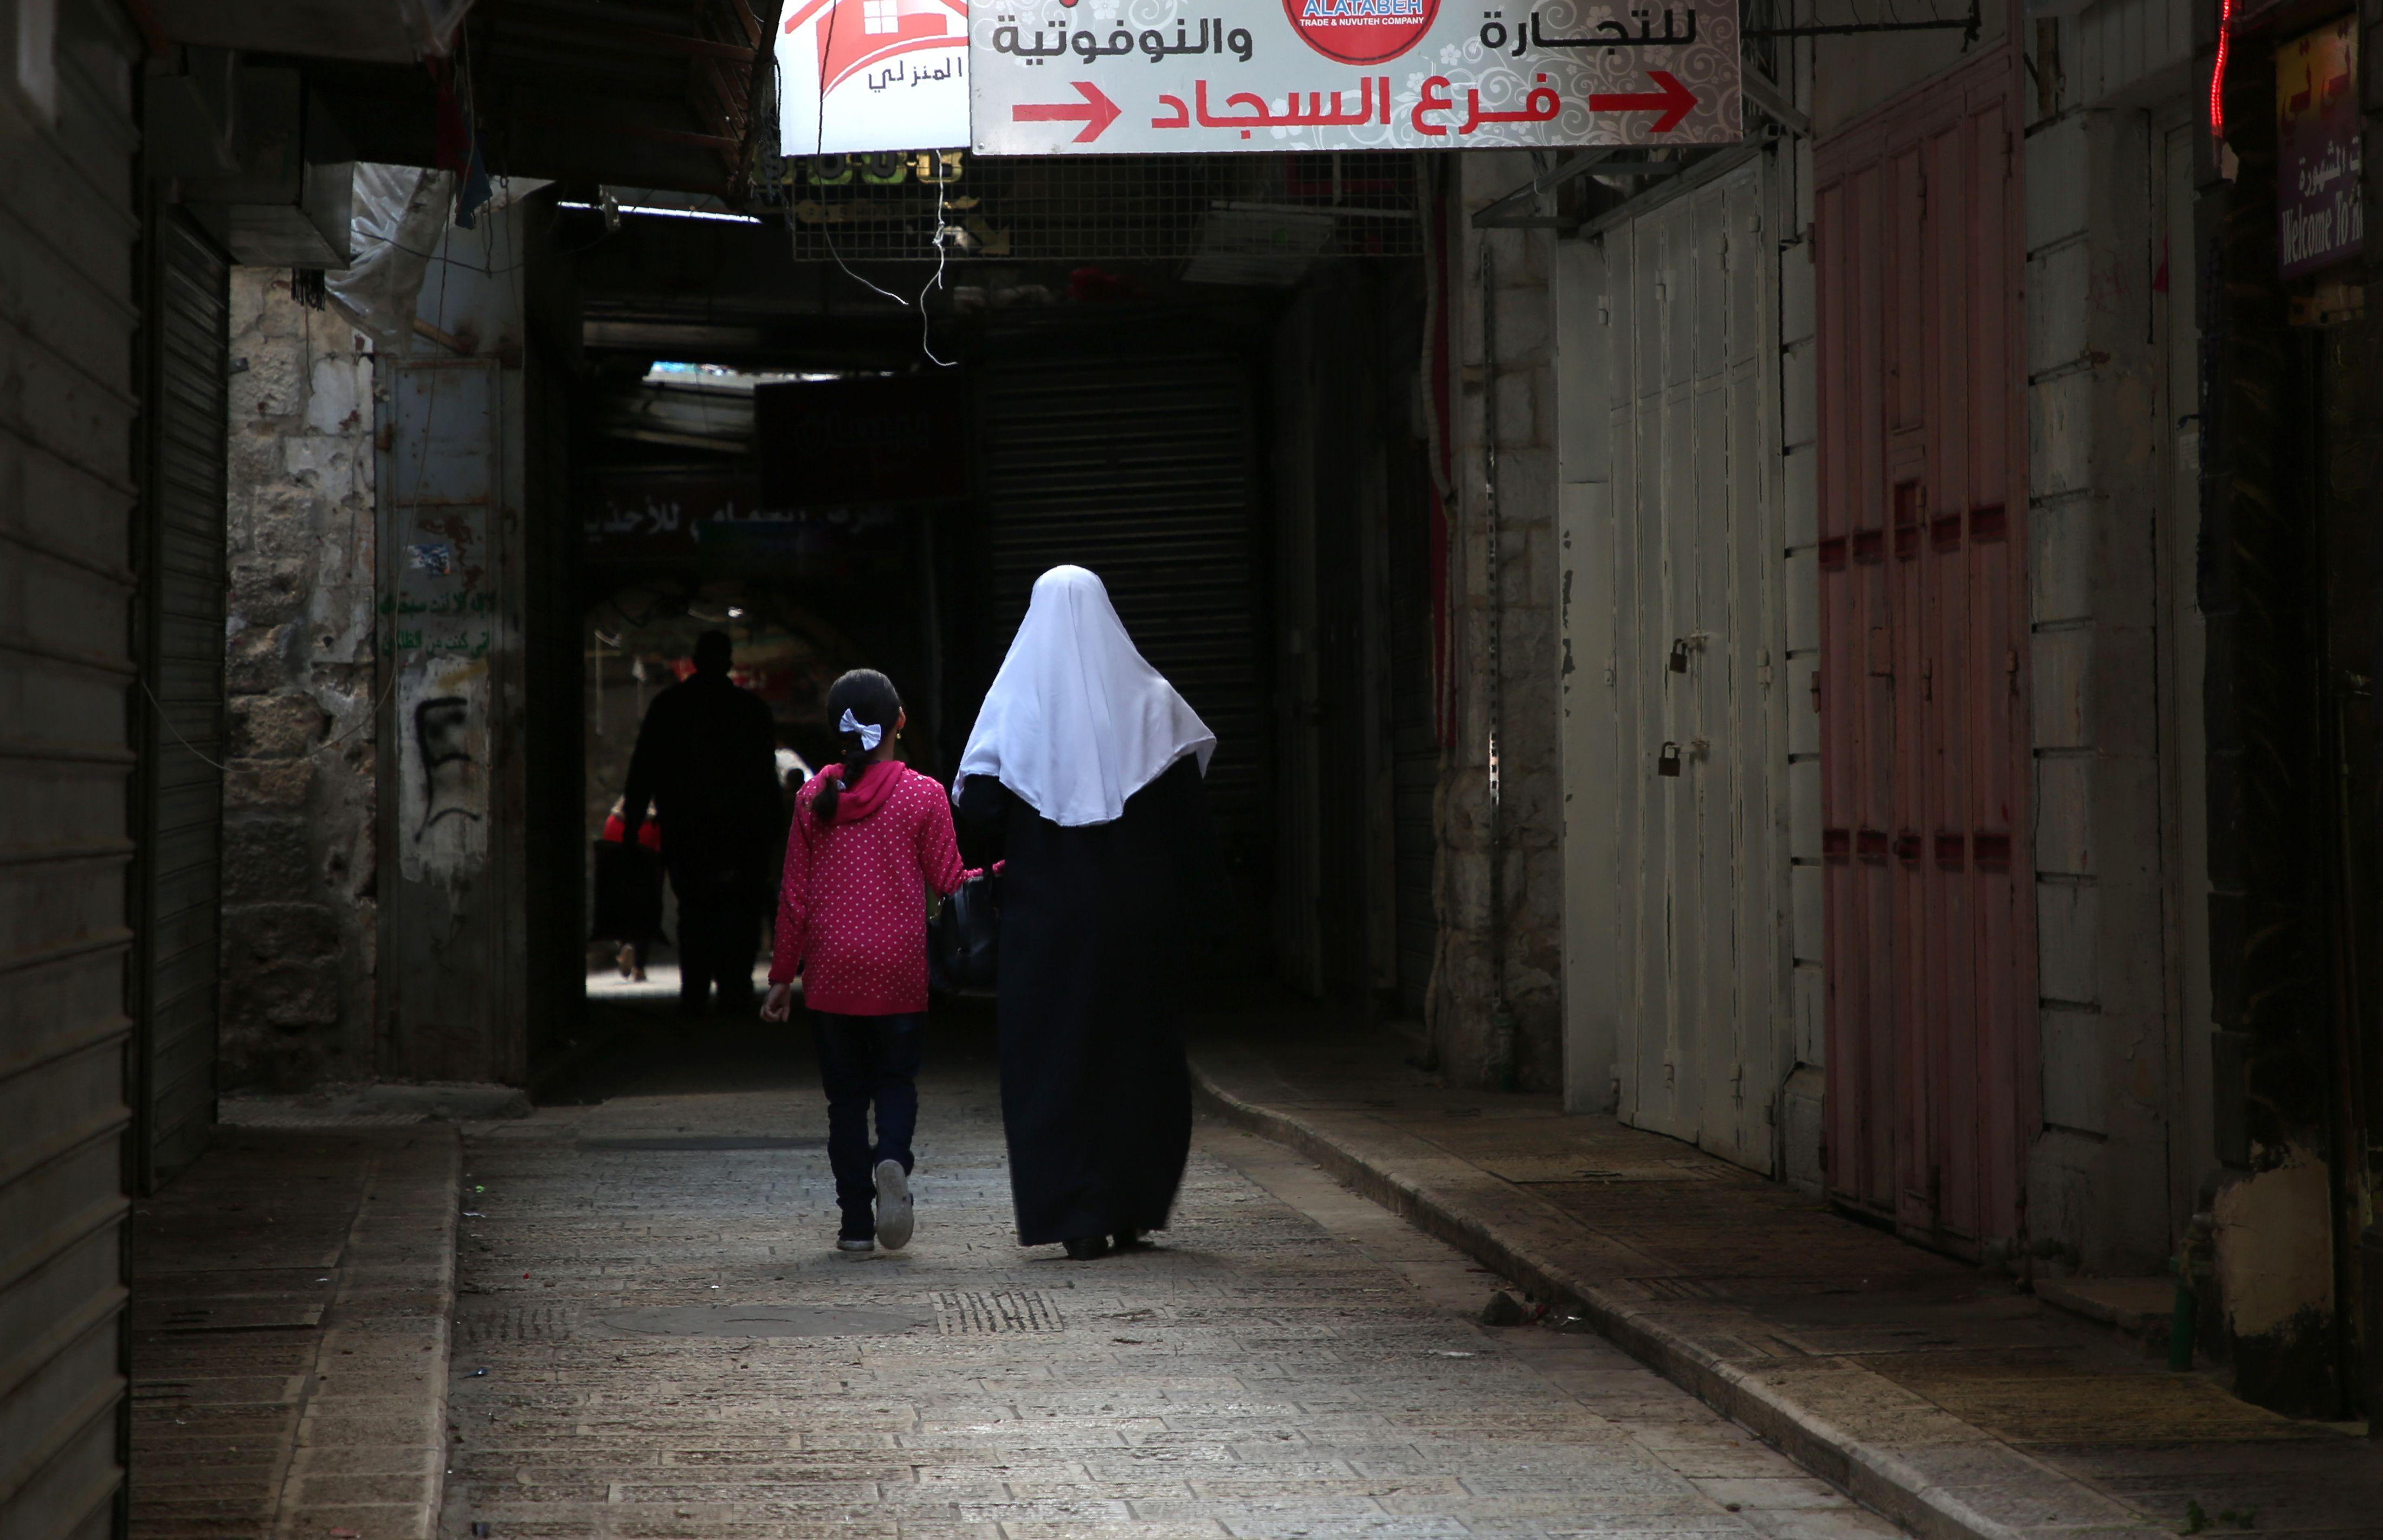 الشوارع شبه خاوية فى فلسطين بسبب الإضراب الشامل